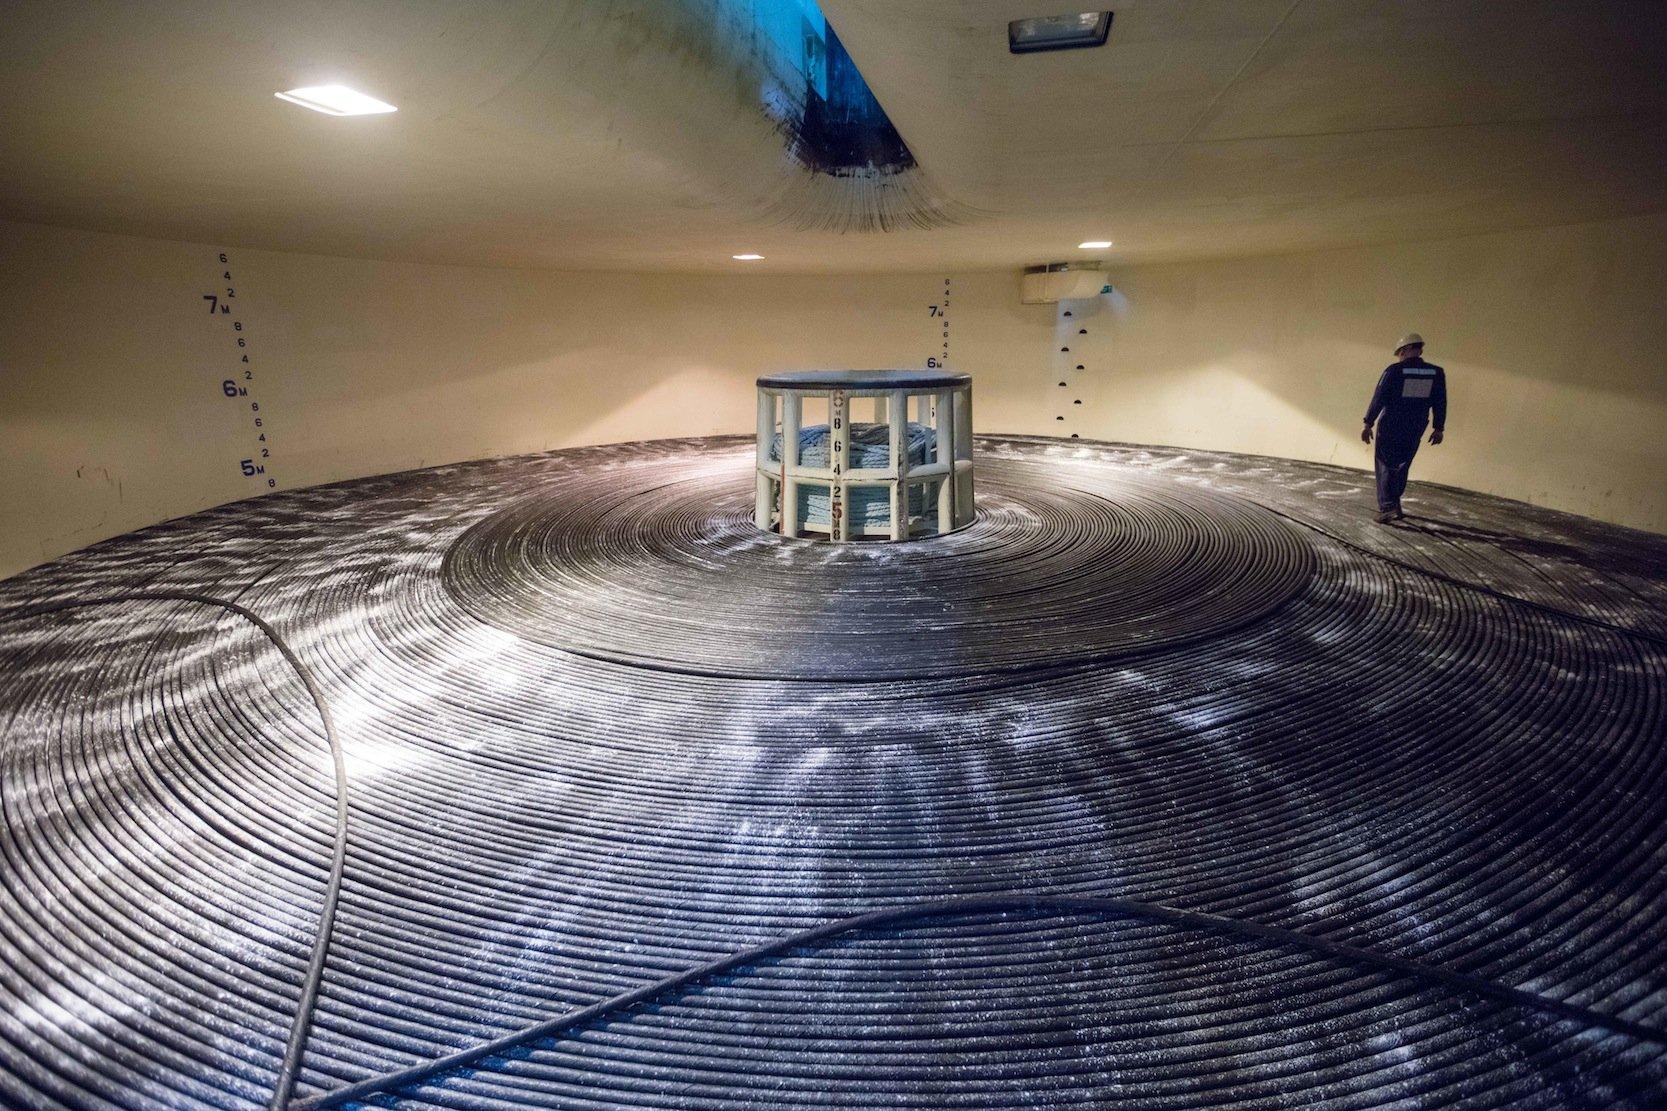 Das Unterseekabel, aufgerollt im Inneren eines Schiffs: Das Unterseekabel ist kaum dicker als ein Gartenschlauch. Im Inneren befinden sich acht Paare Glasfaserkabel, die 160 Terabits pro Sekunde übertragen.